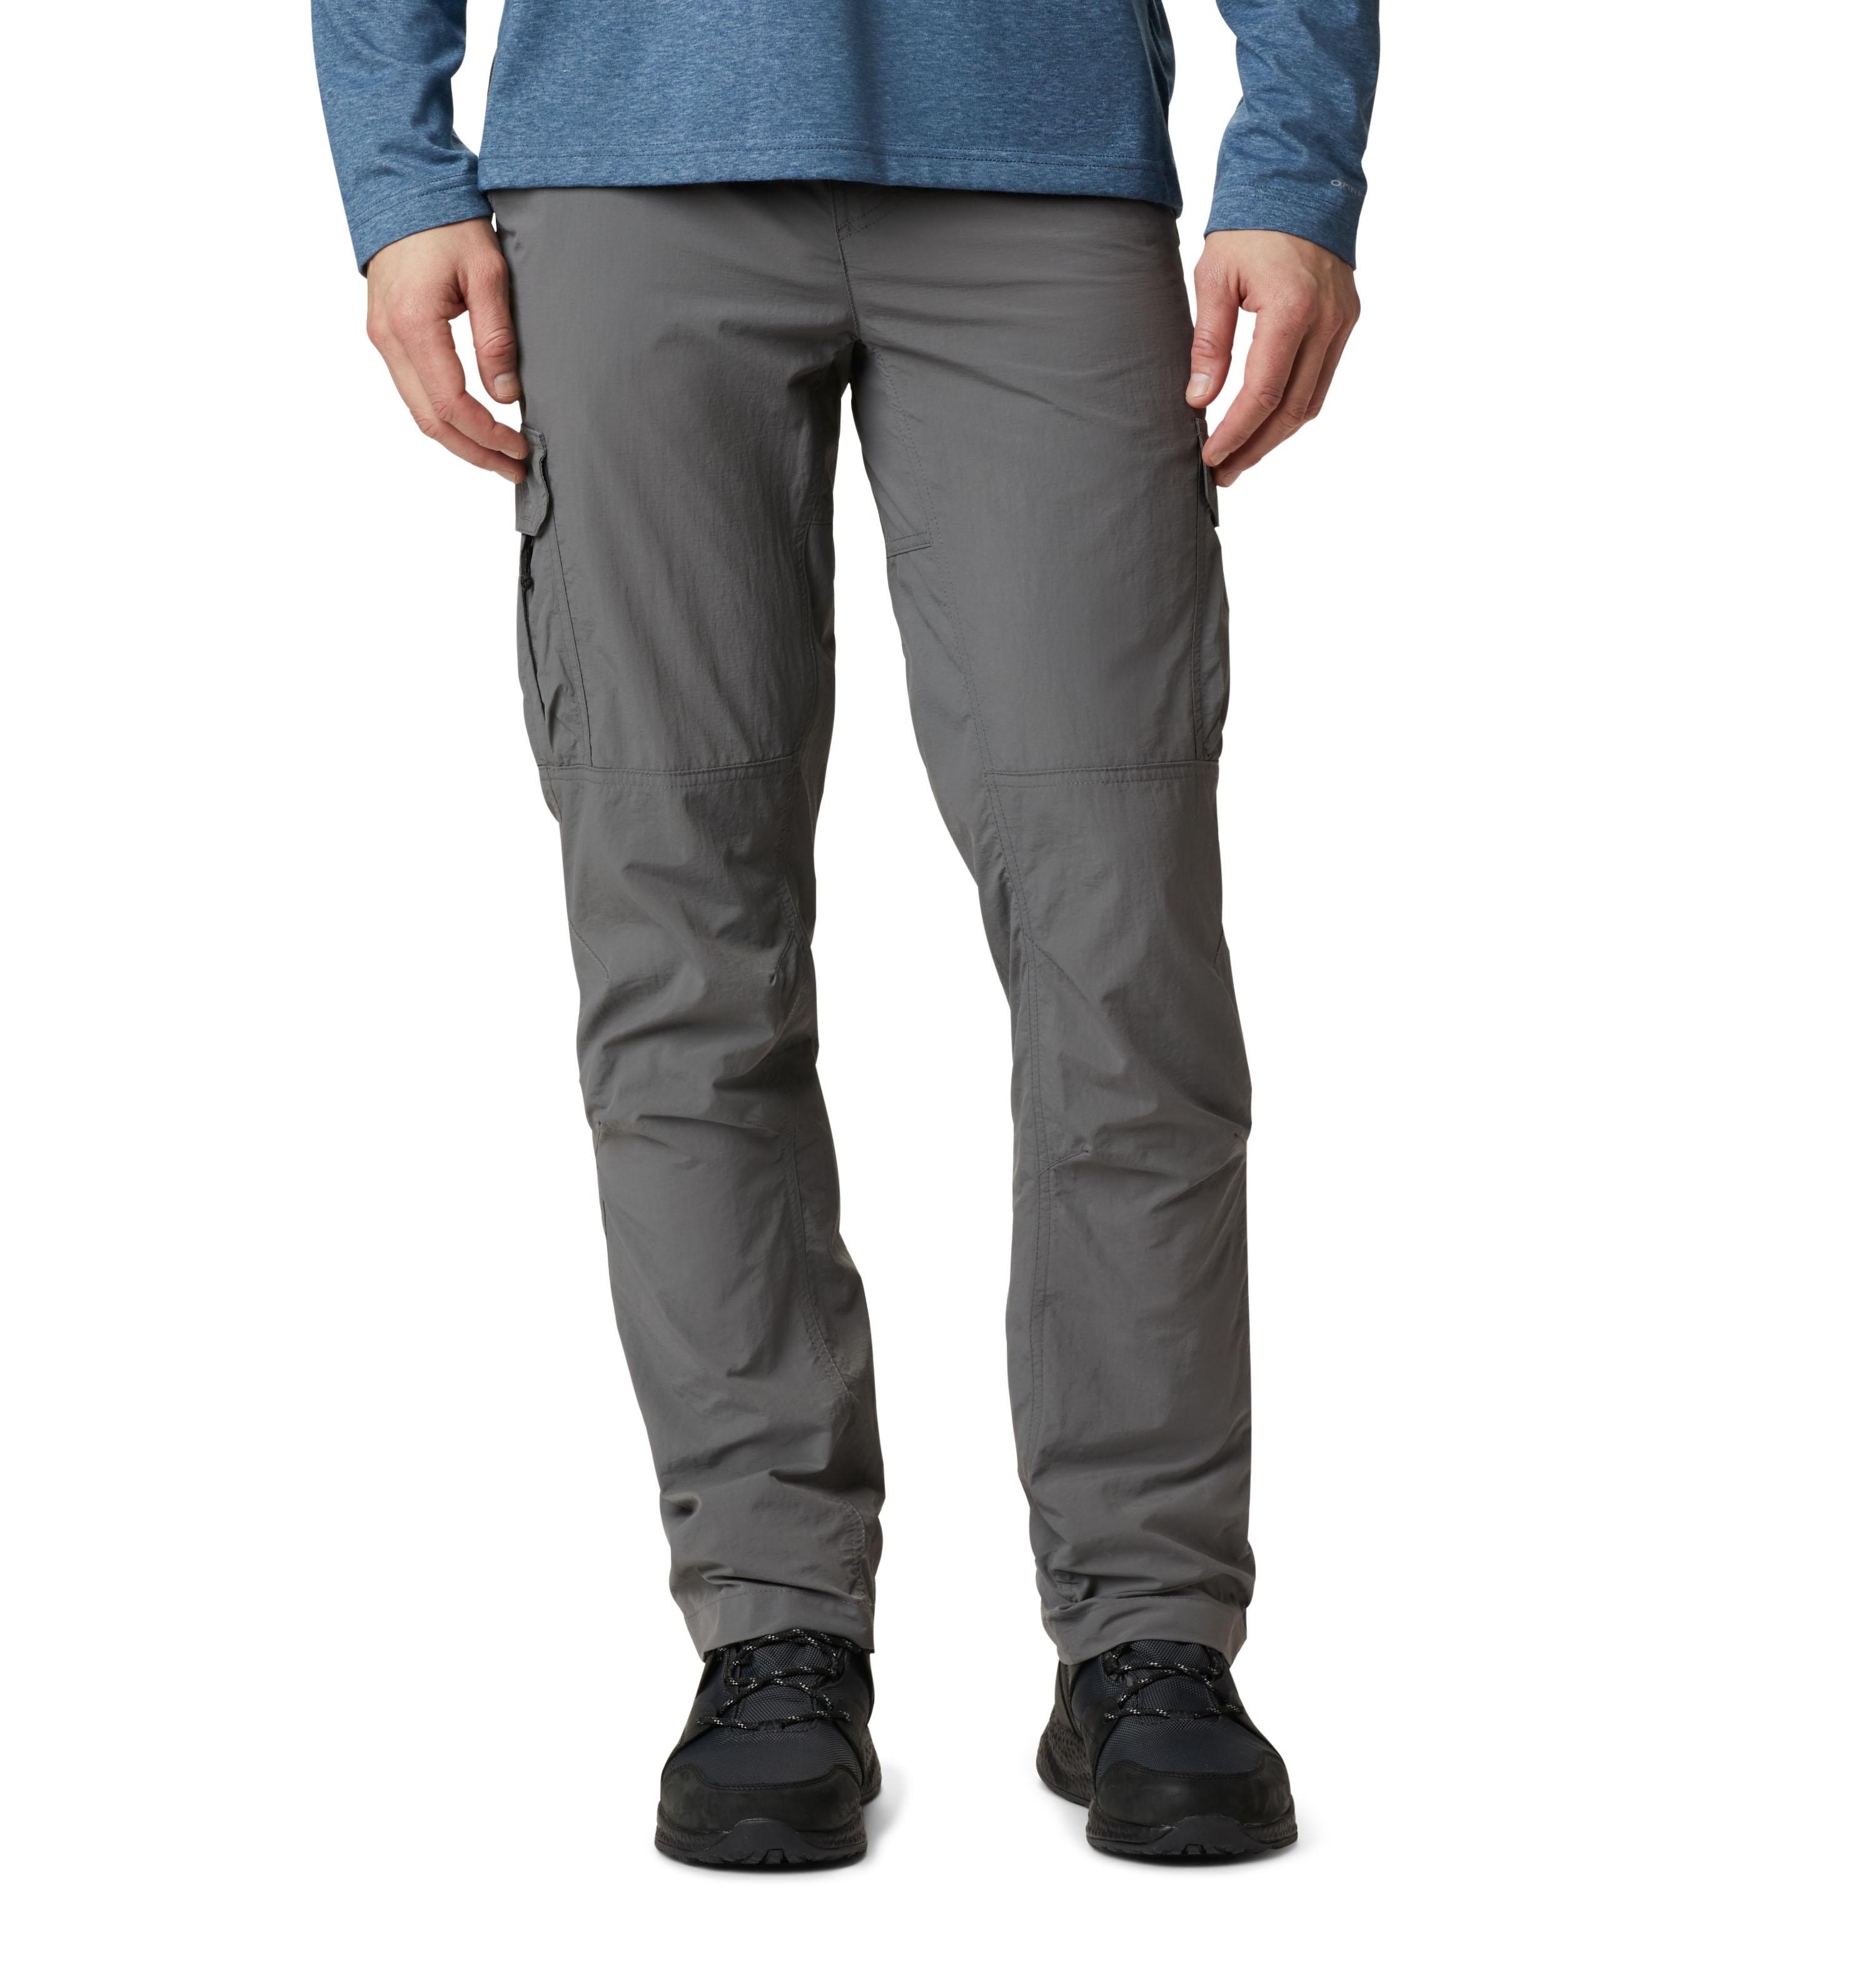 Comprar Columbia Silver Ridge II Cargo gray pants / Omni-Wick / Omni-Shade /